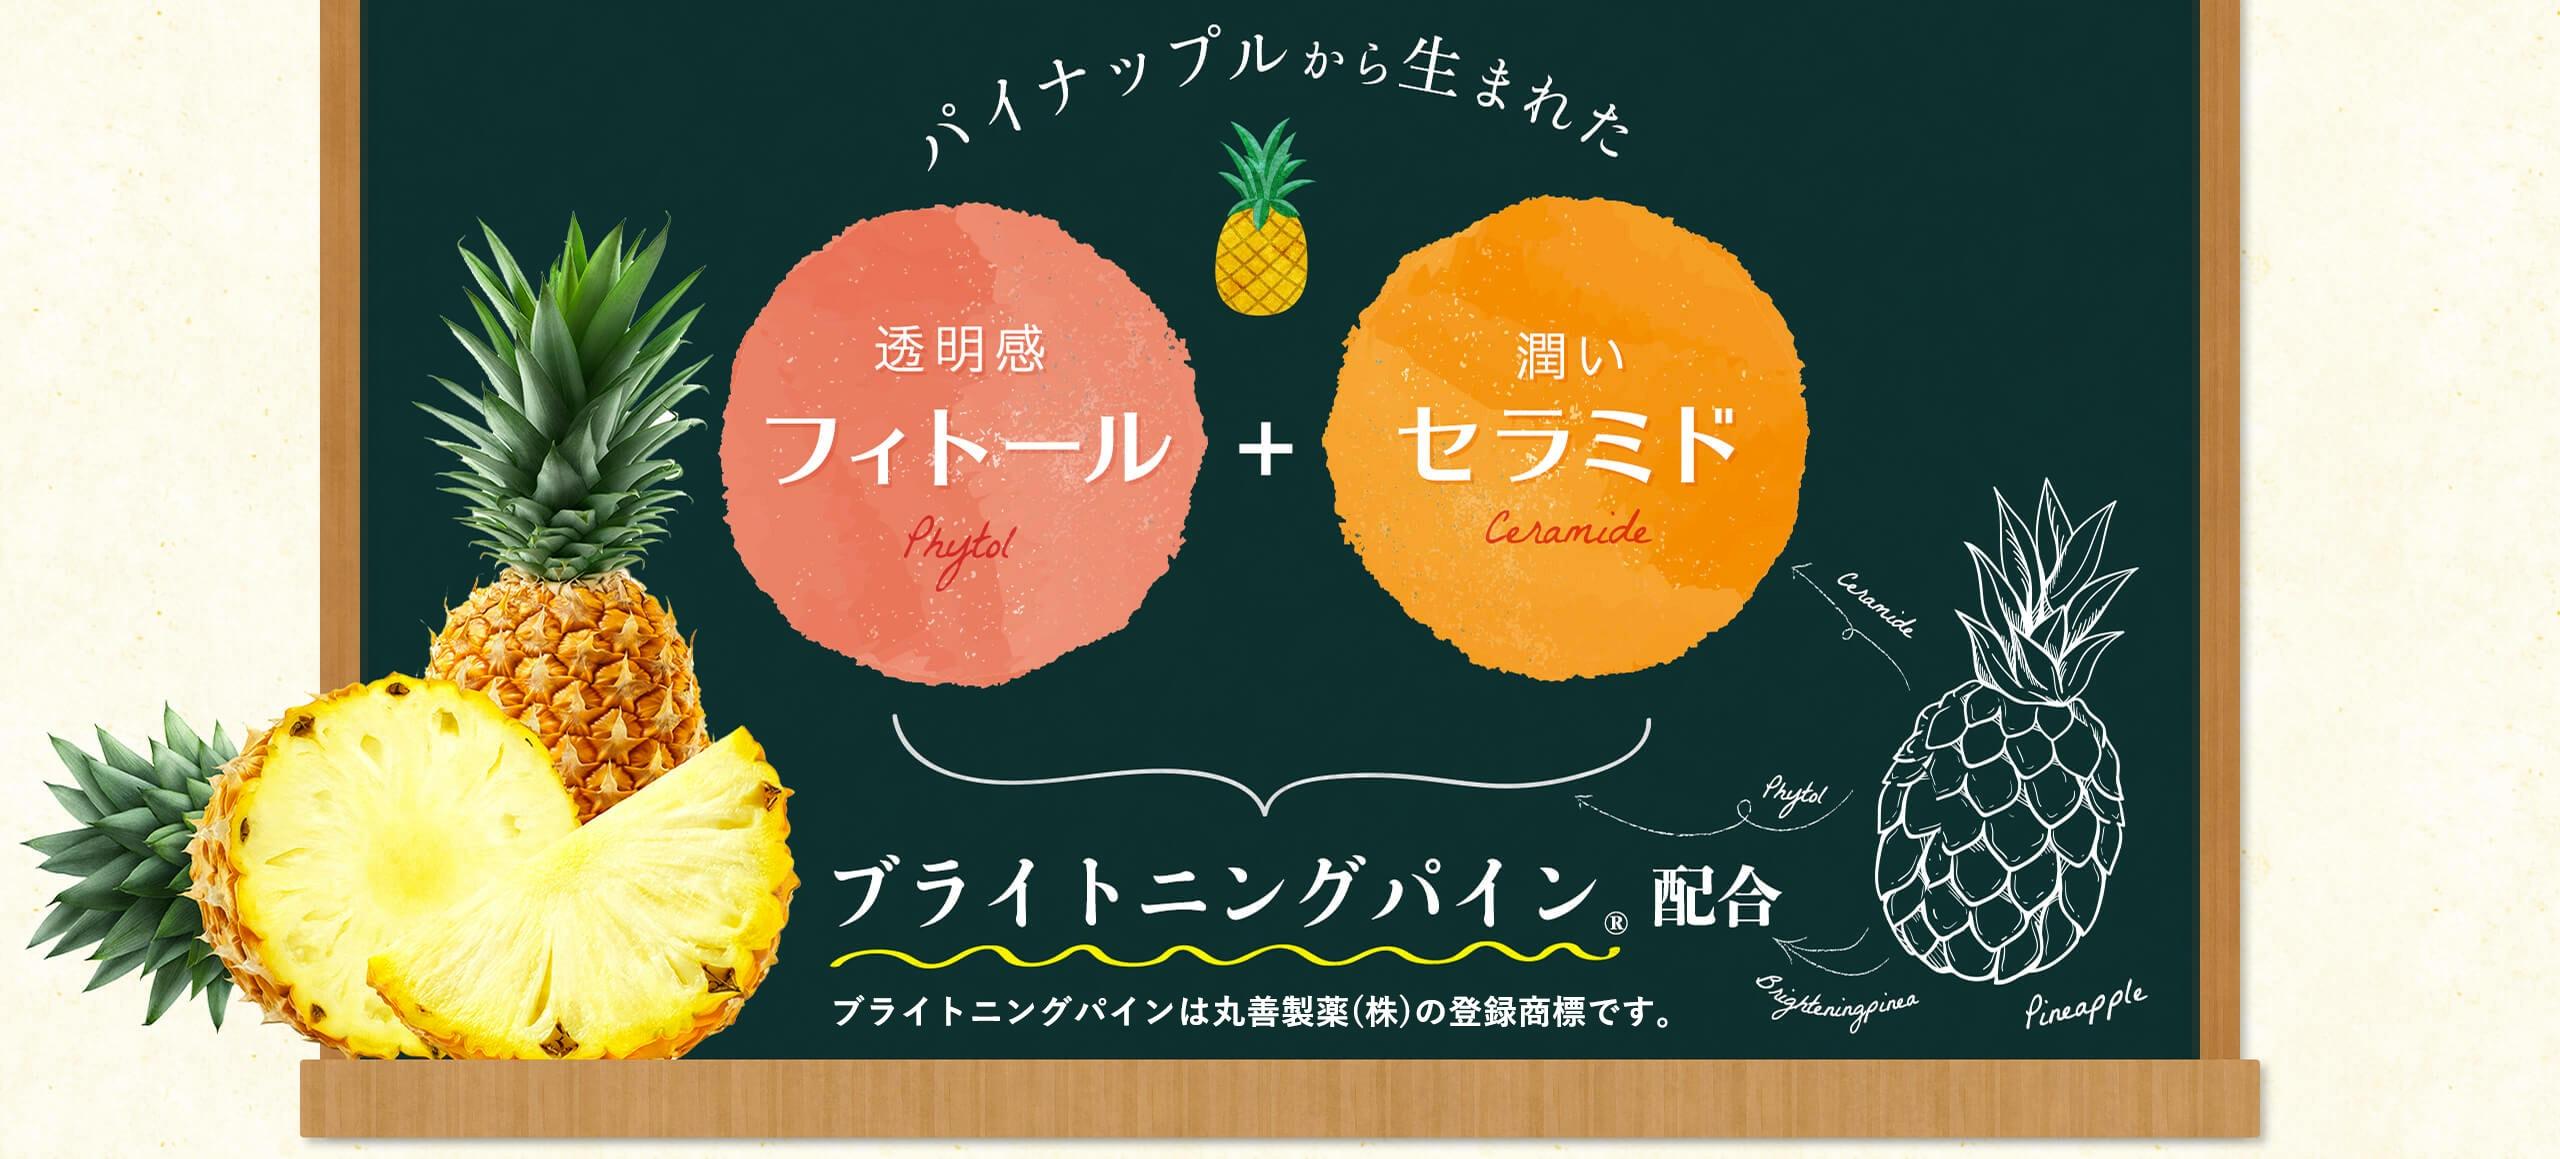 パイナップルから生まれた透明感のフィトール+潤いのセラミドのブライトニングパインを配合。※ブライトニングパインは丸善製薬(株)の登録商標です